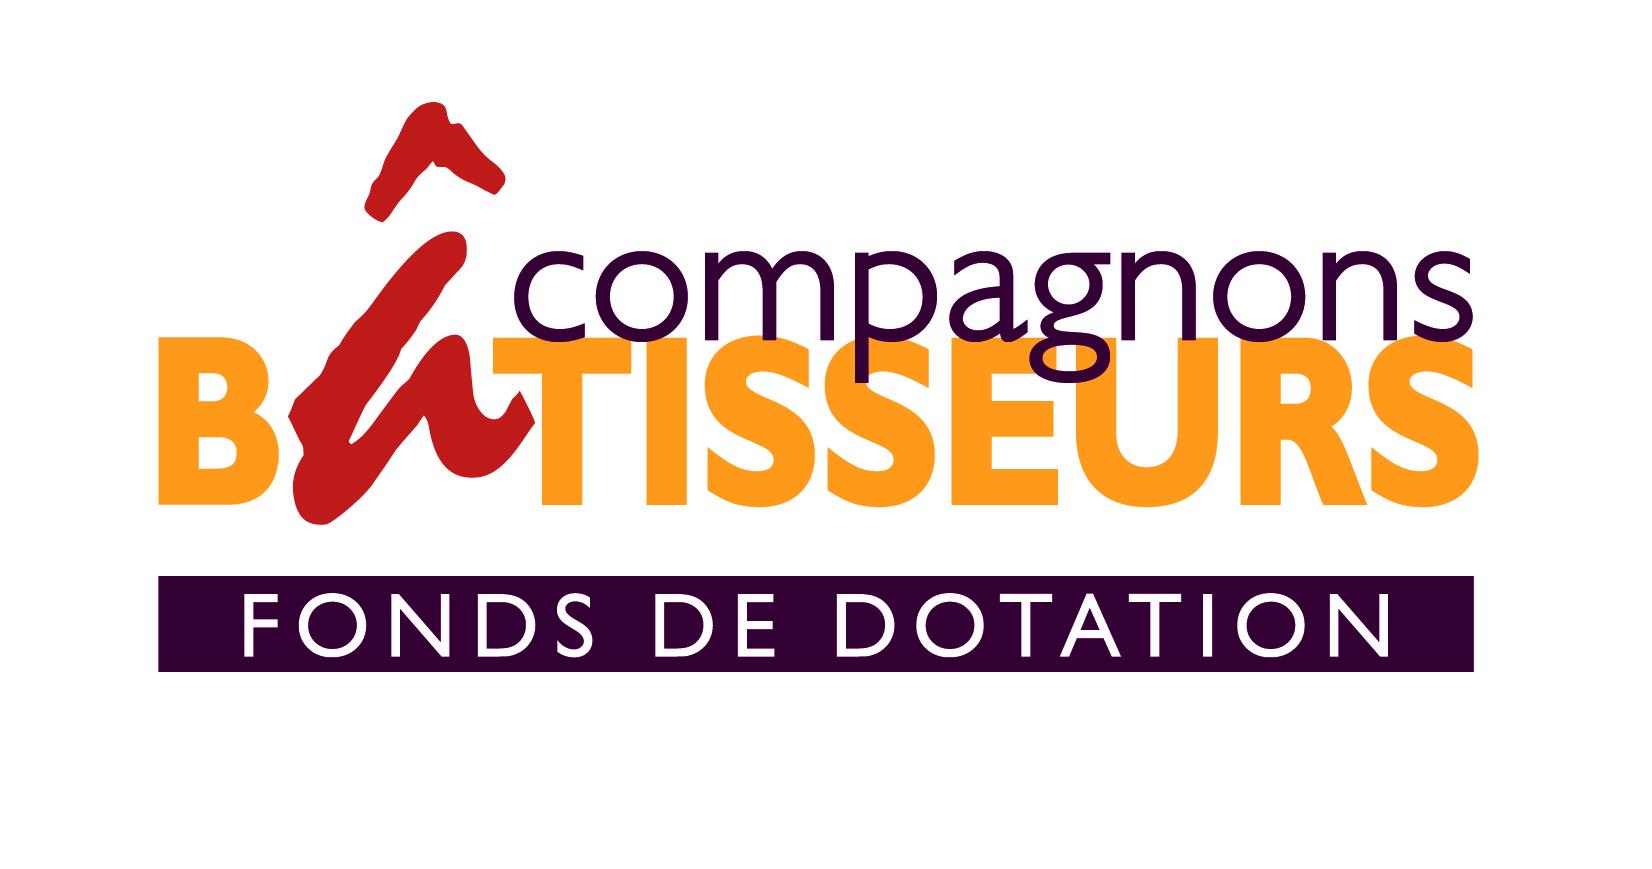 Association - Fonds de Dotation Compagnons Bâtisseurs